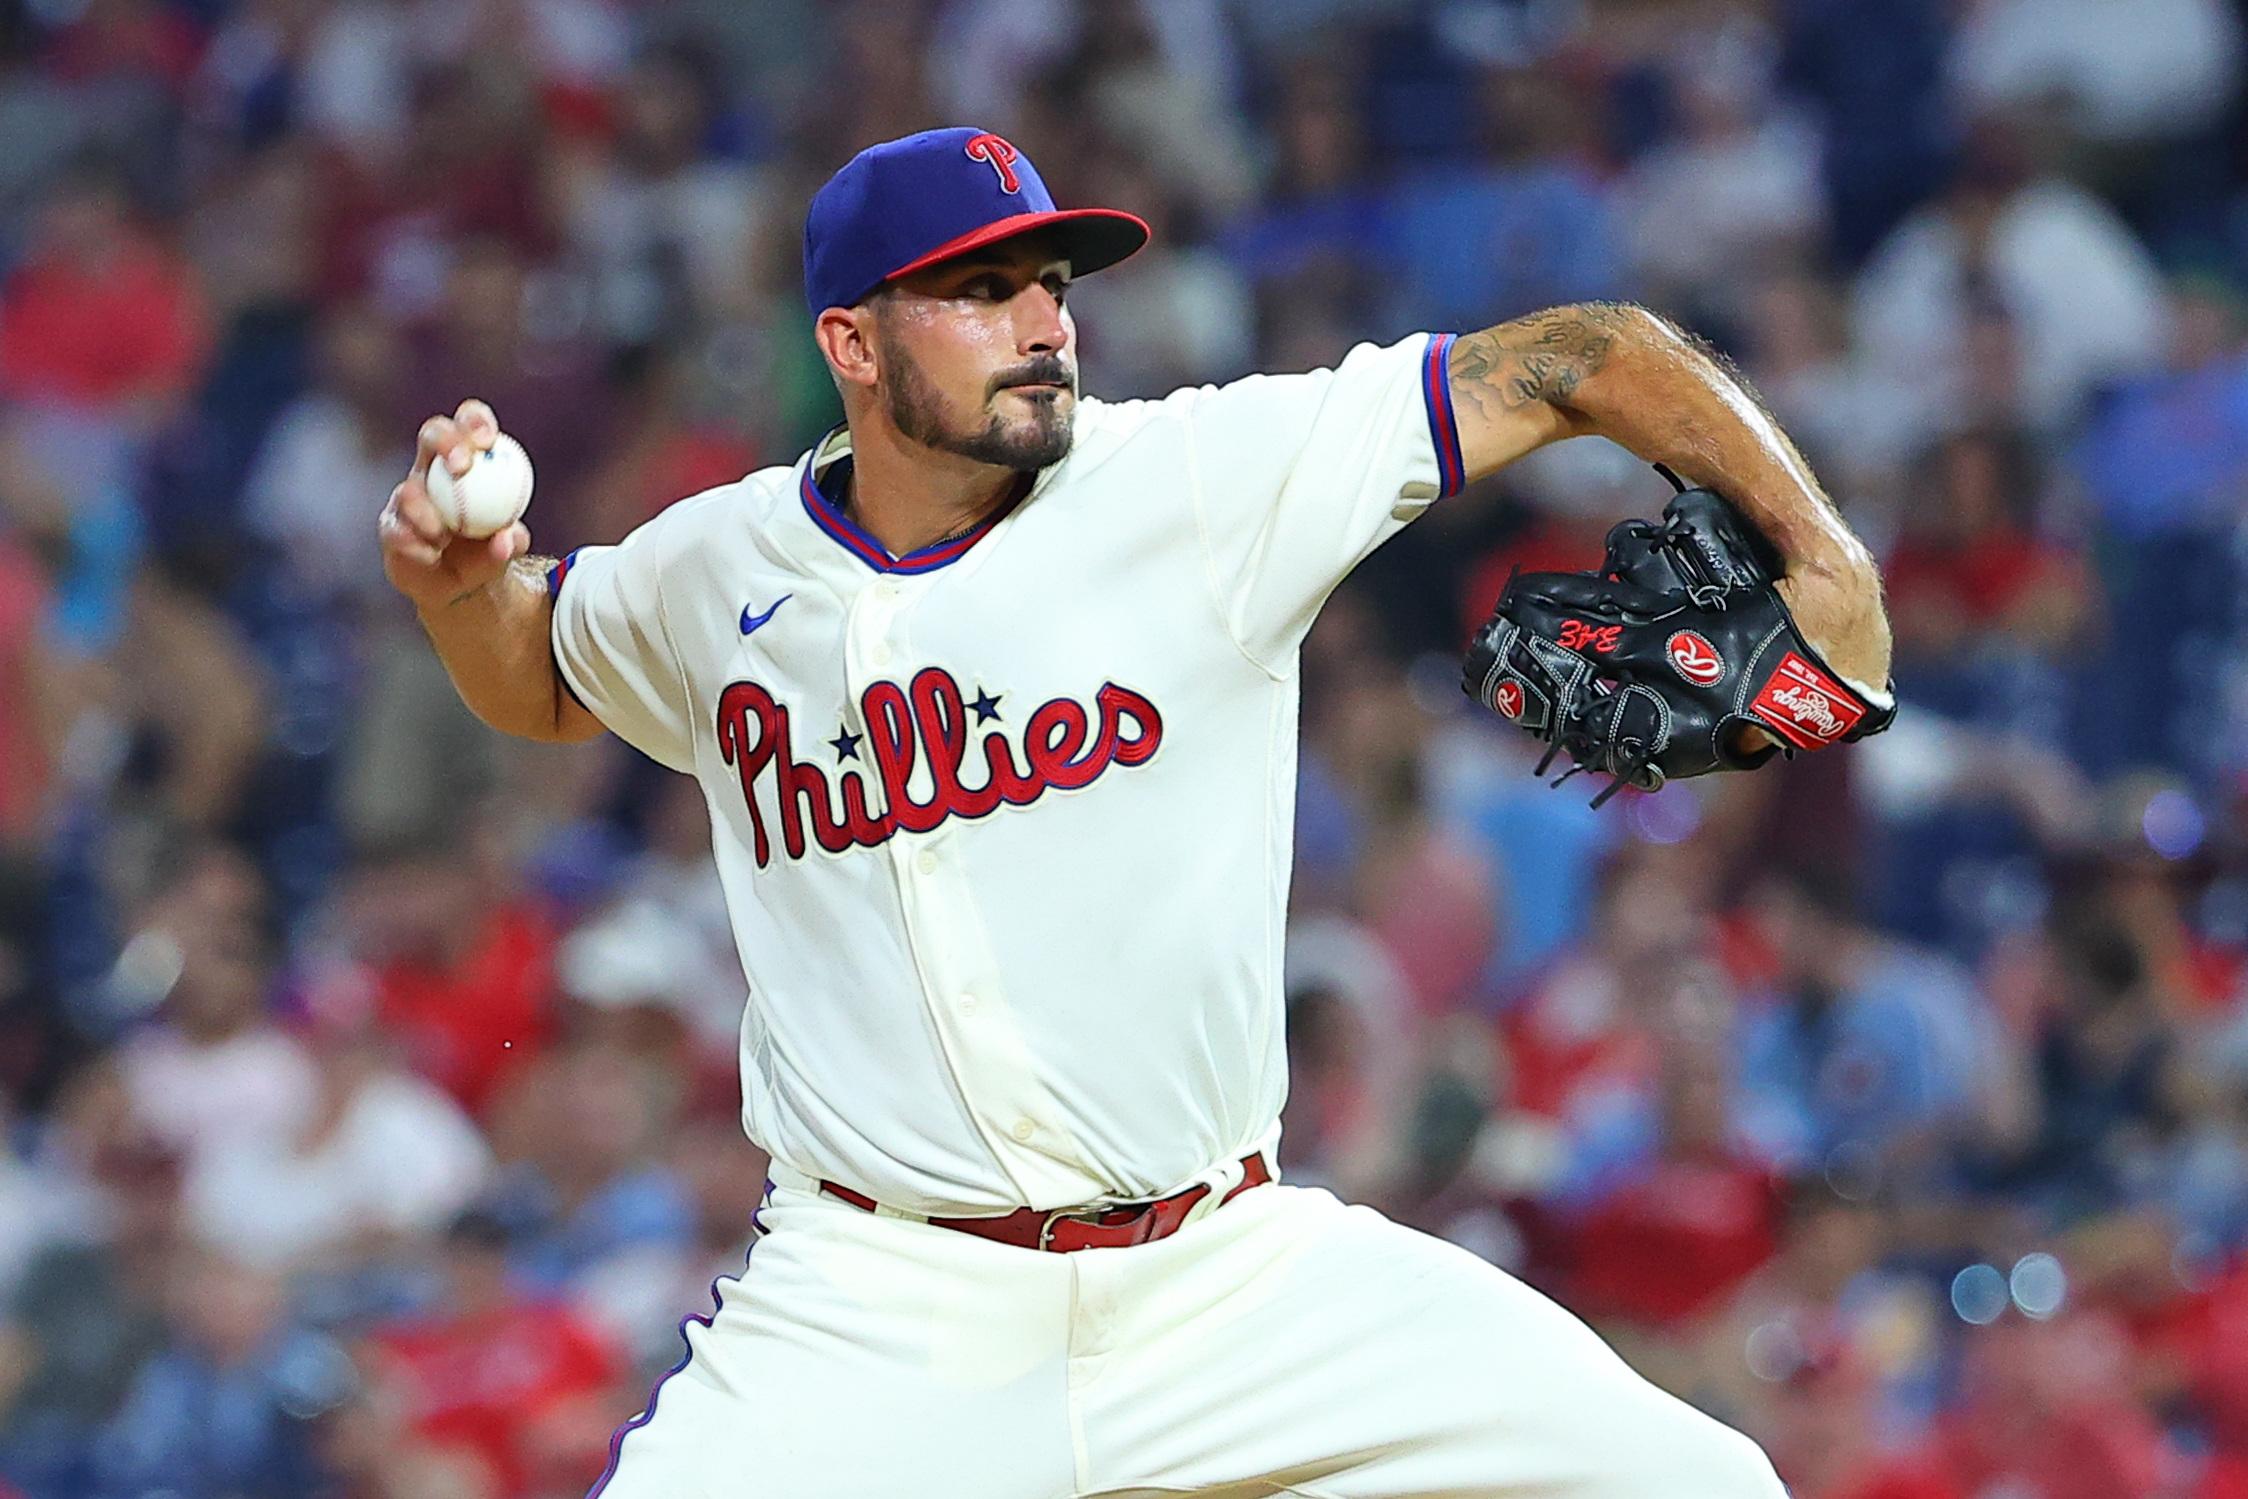 MLB: JUL 16 Marlins at Phillies - Game 2